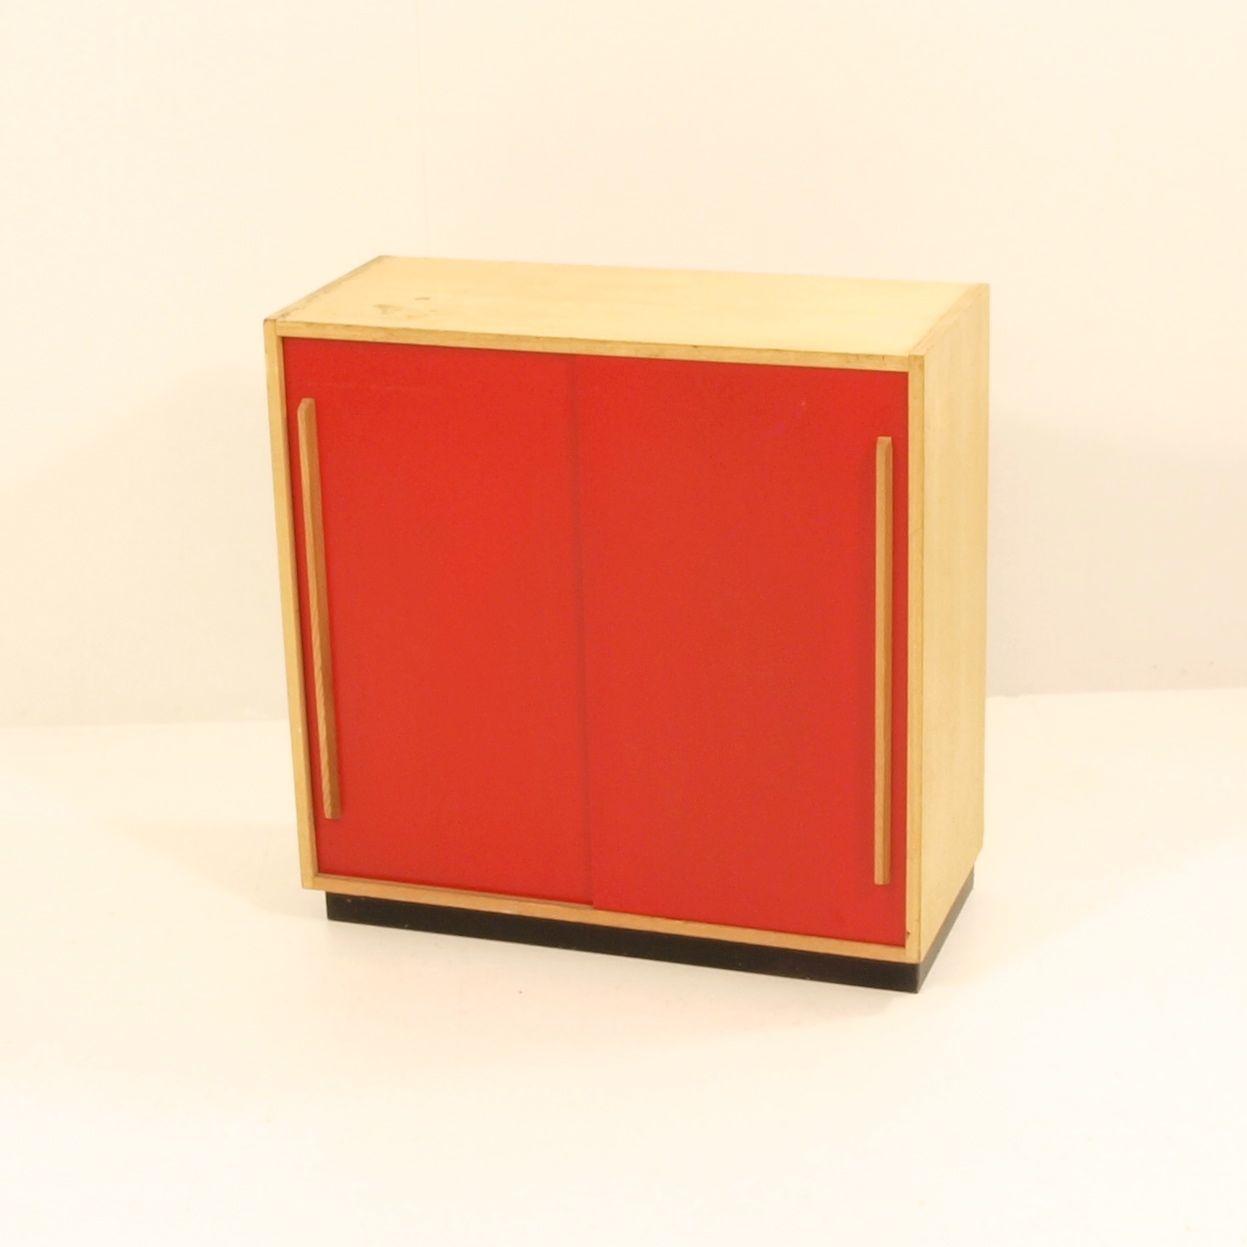 schiebeschrank schlicht m bel z rich vintagem bel. Black Bedroom Furniture Sets. Home Design Ideas